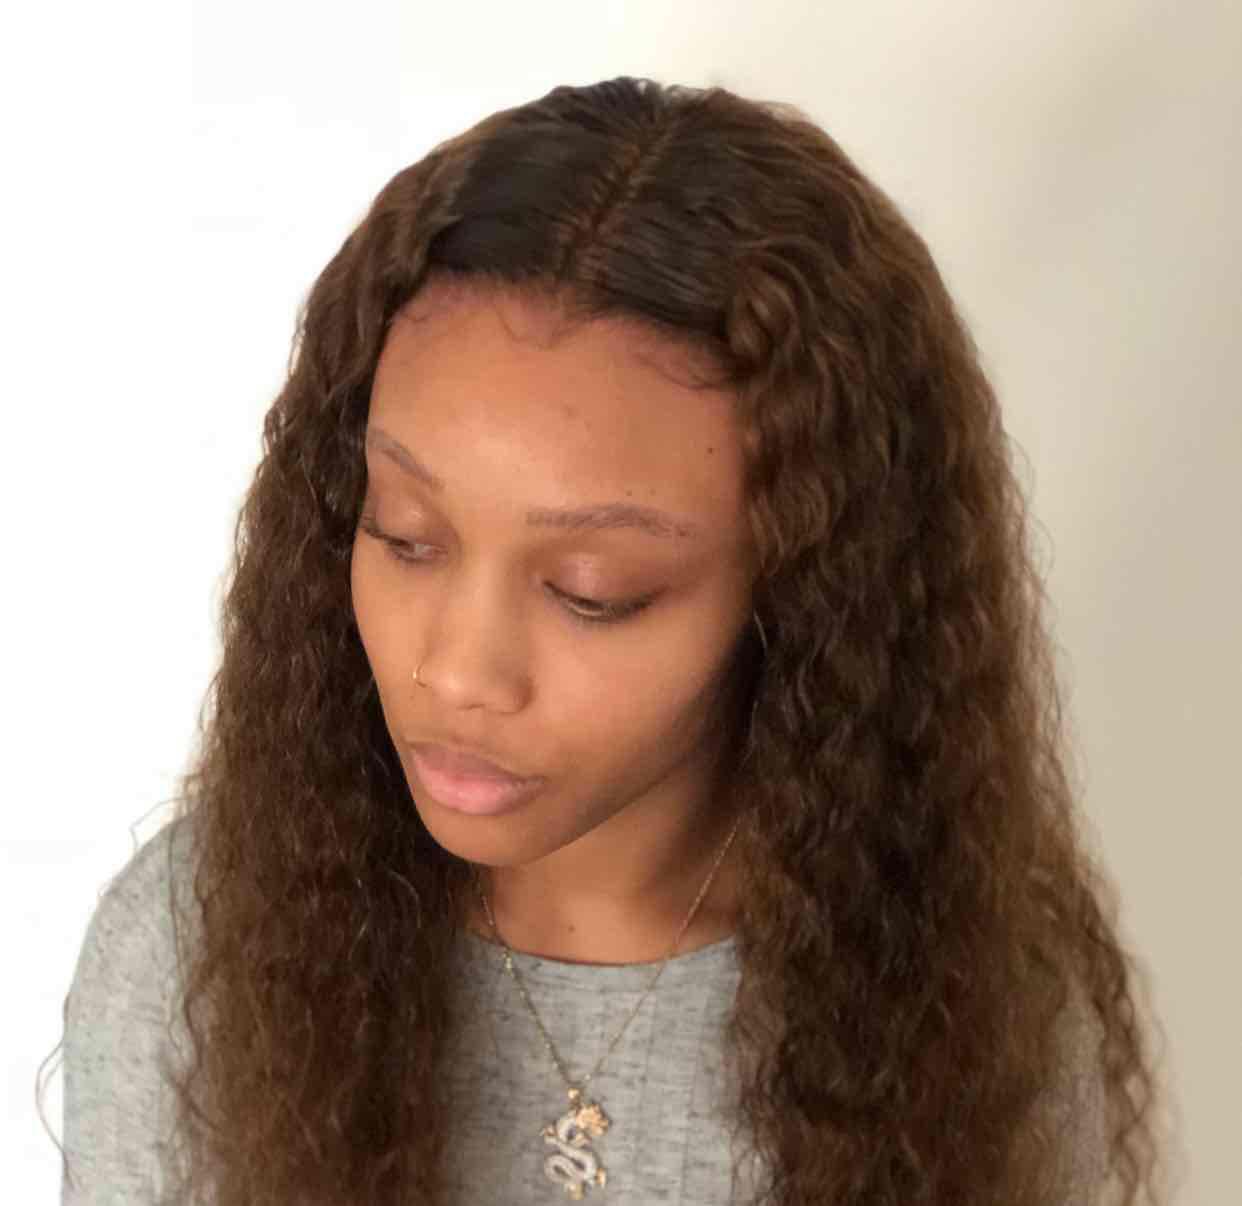 salon de coiffure afro tresse tresses box braids crochet braids vanilles tissages paris 75 77 78 91 92 93 94 95 DVFJVFPJ